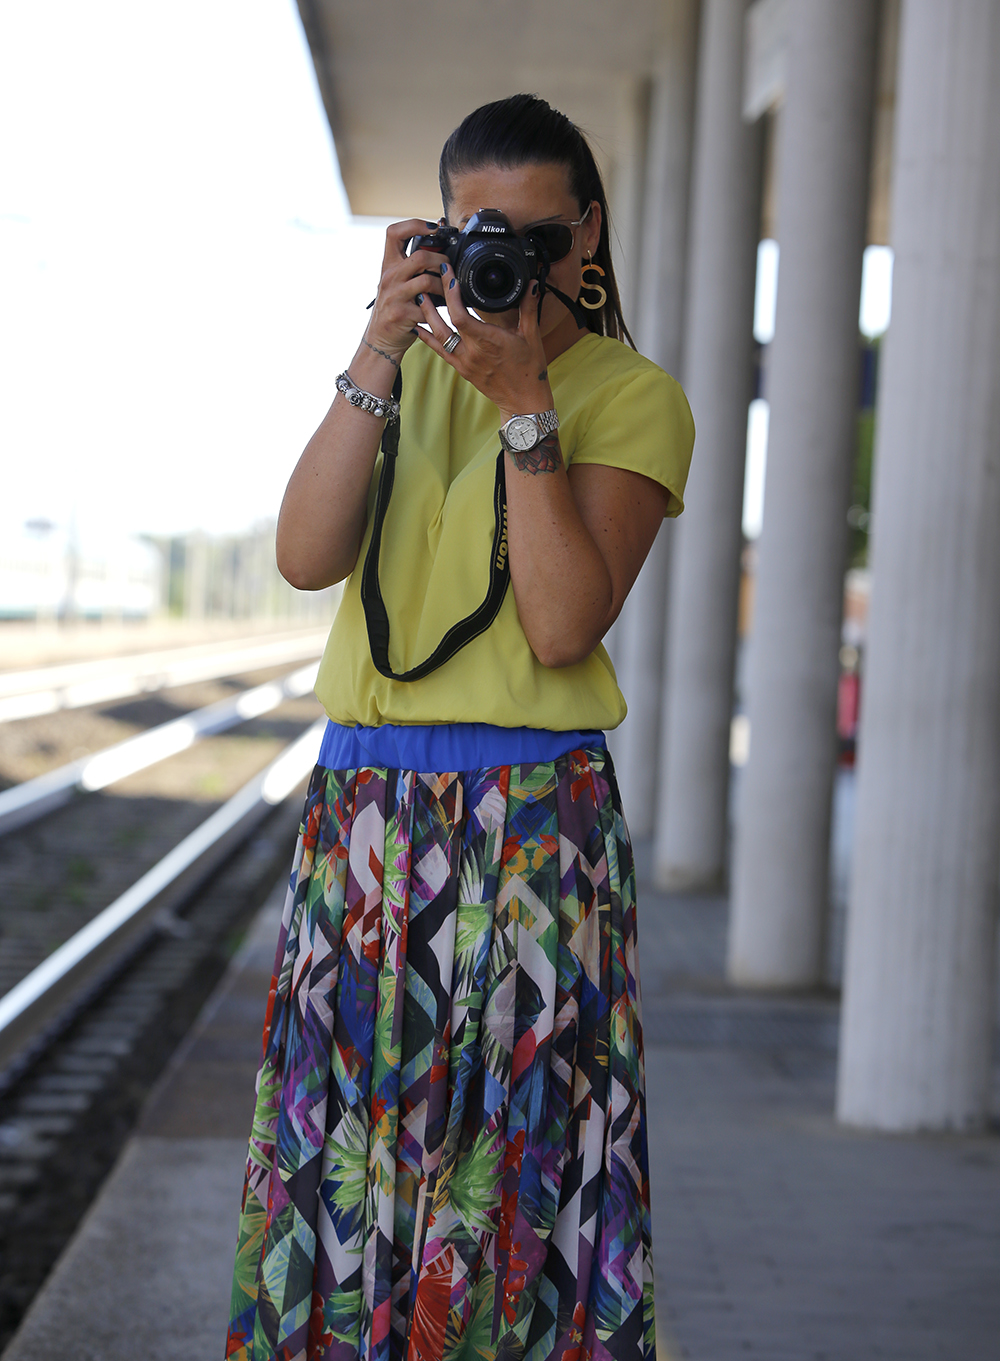 donna scatta foto con macchina fotografica nikon, gonna lunga a fantasia realizzata a mano e blusa giallo